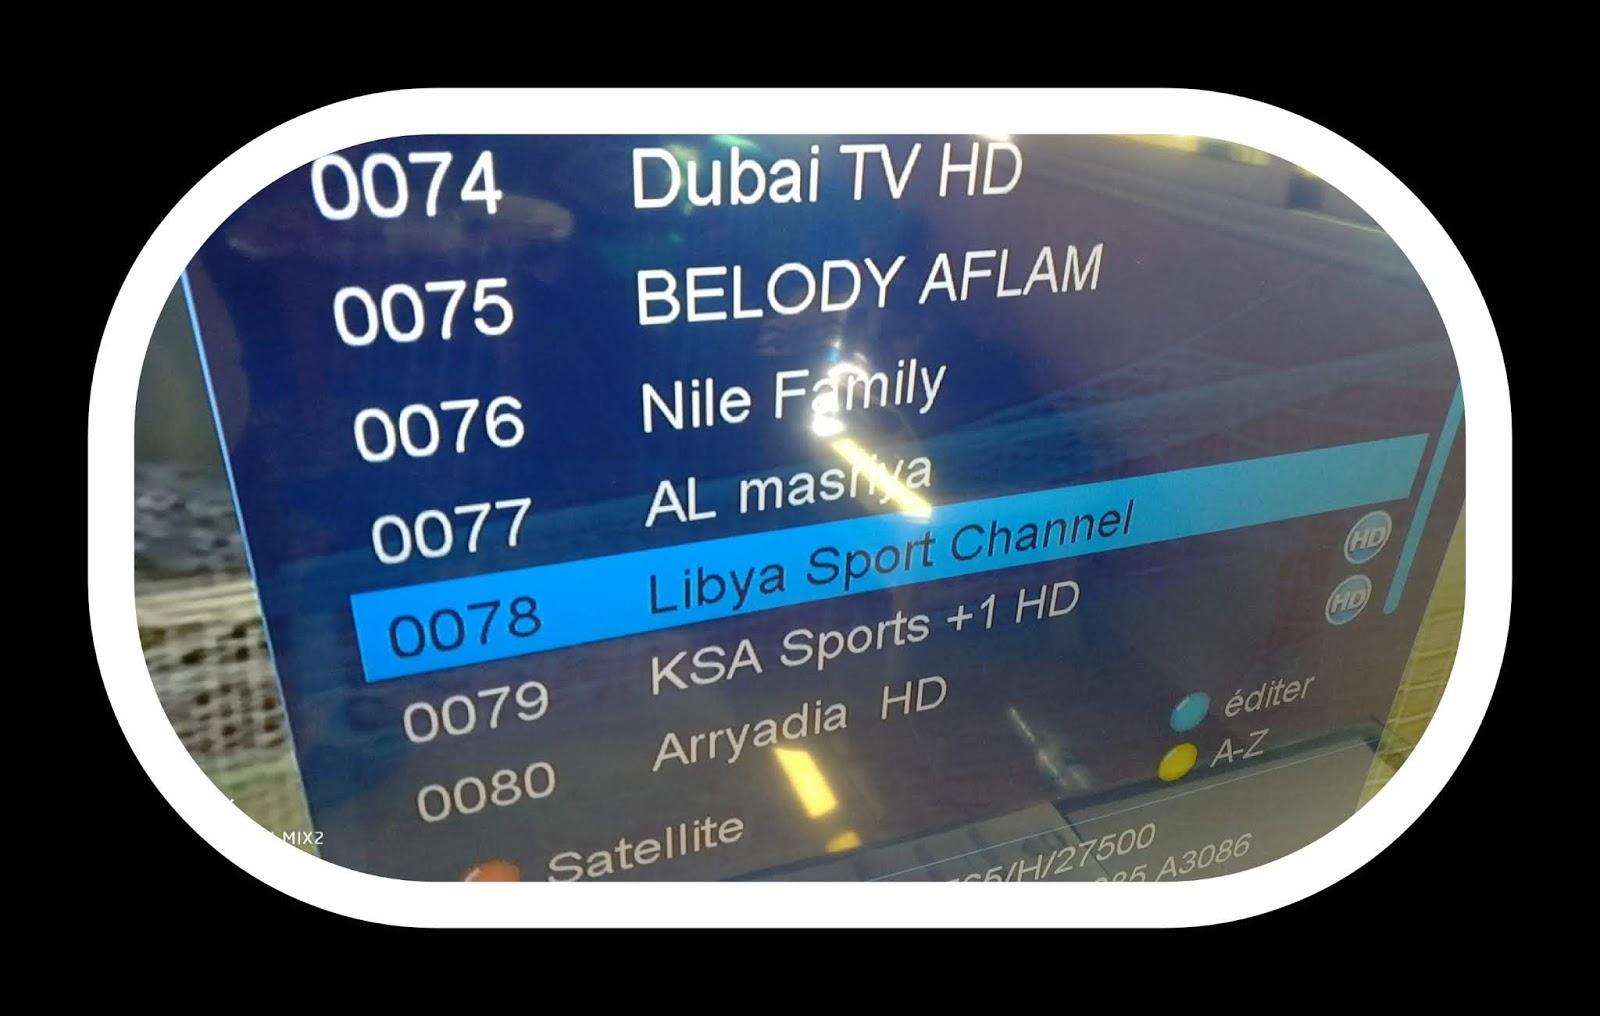 Frequence De Libya Sport Channel Sur Nilesat Pour Regarder